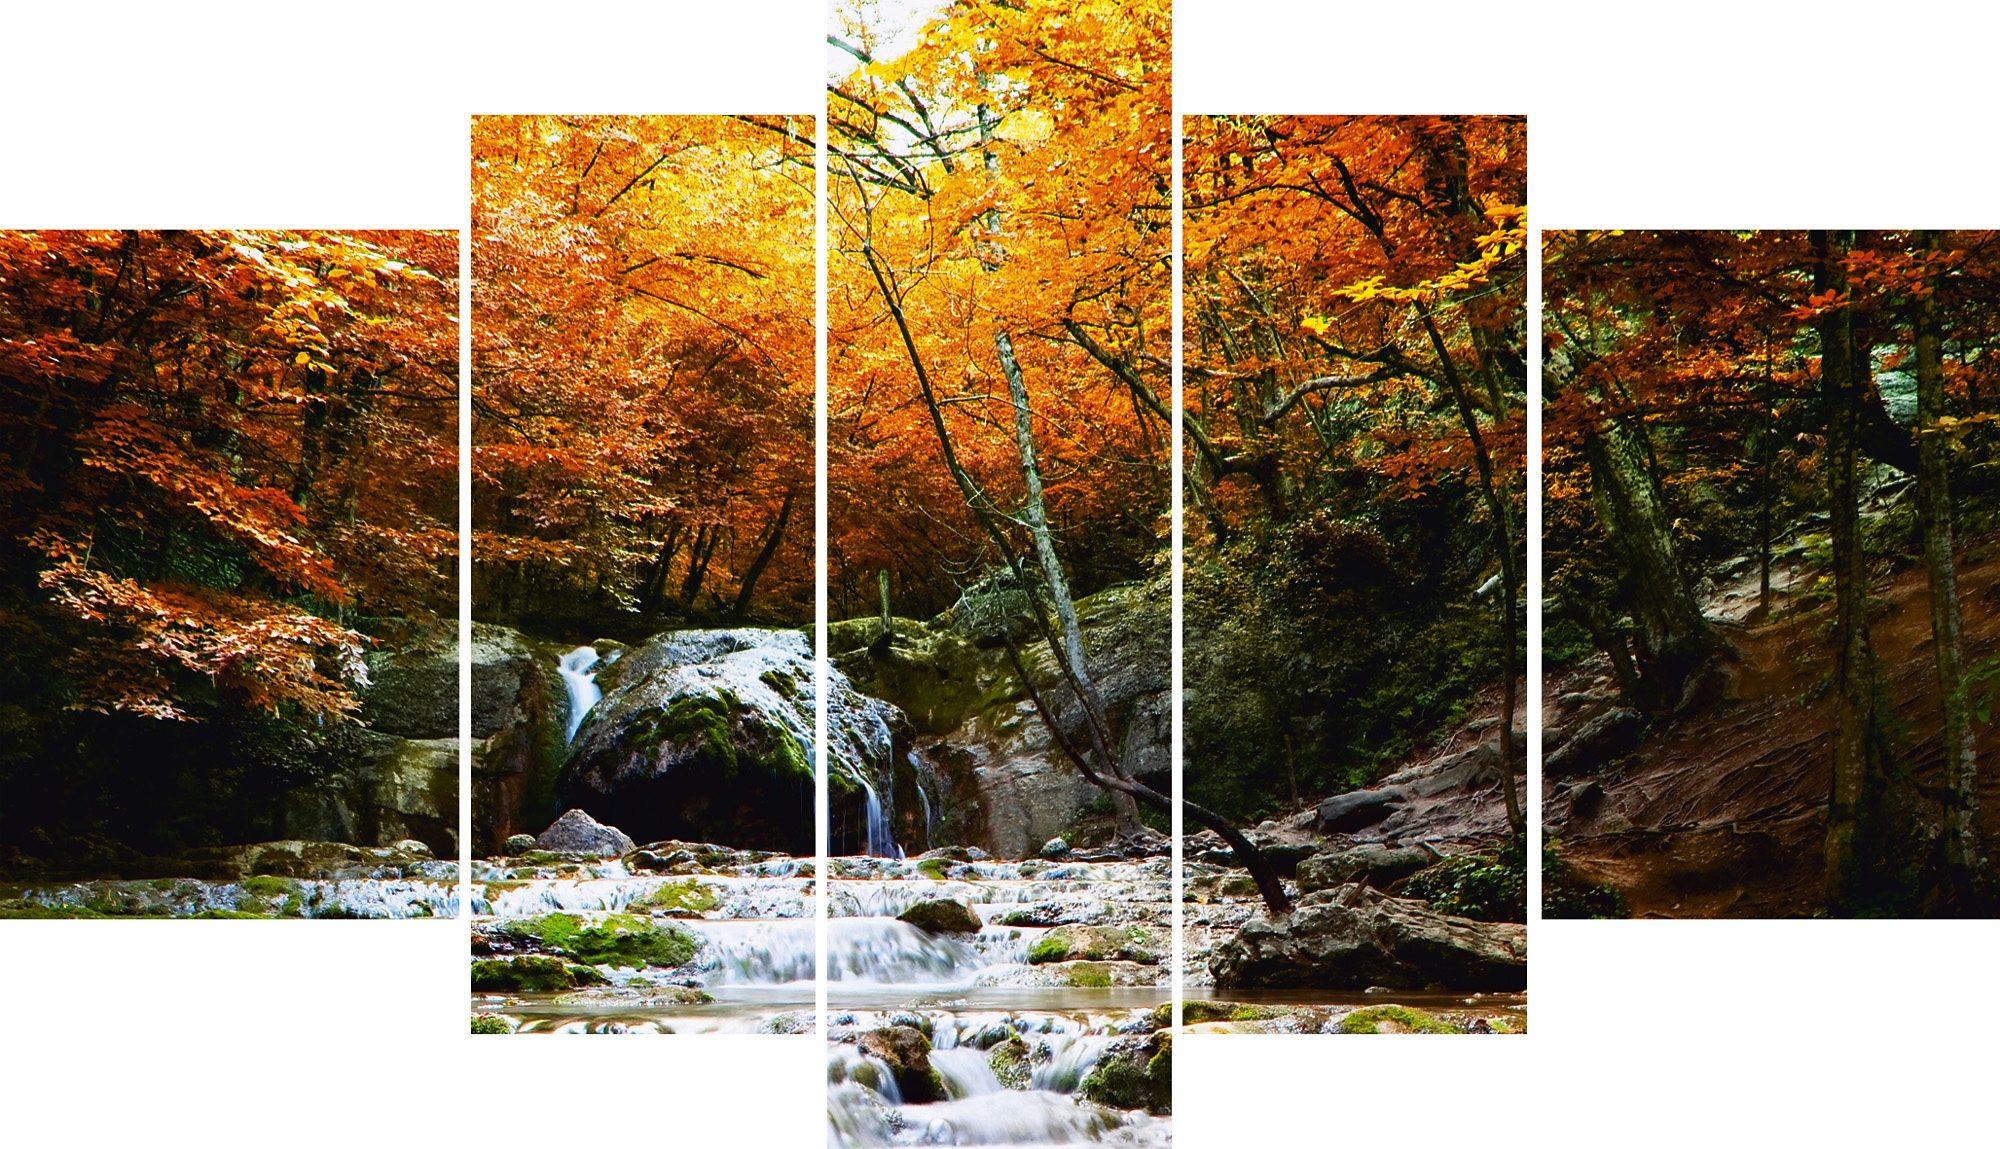 Leinwandbild, Home affaire, »Herbstlicher Wasserfall«, 5 tlg.